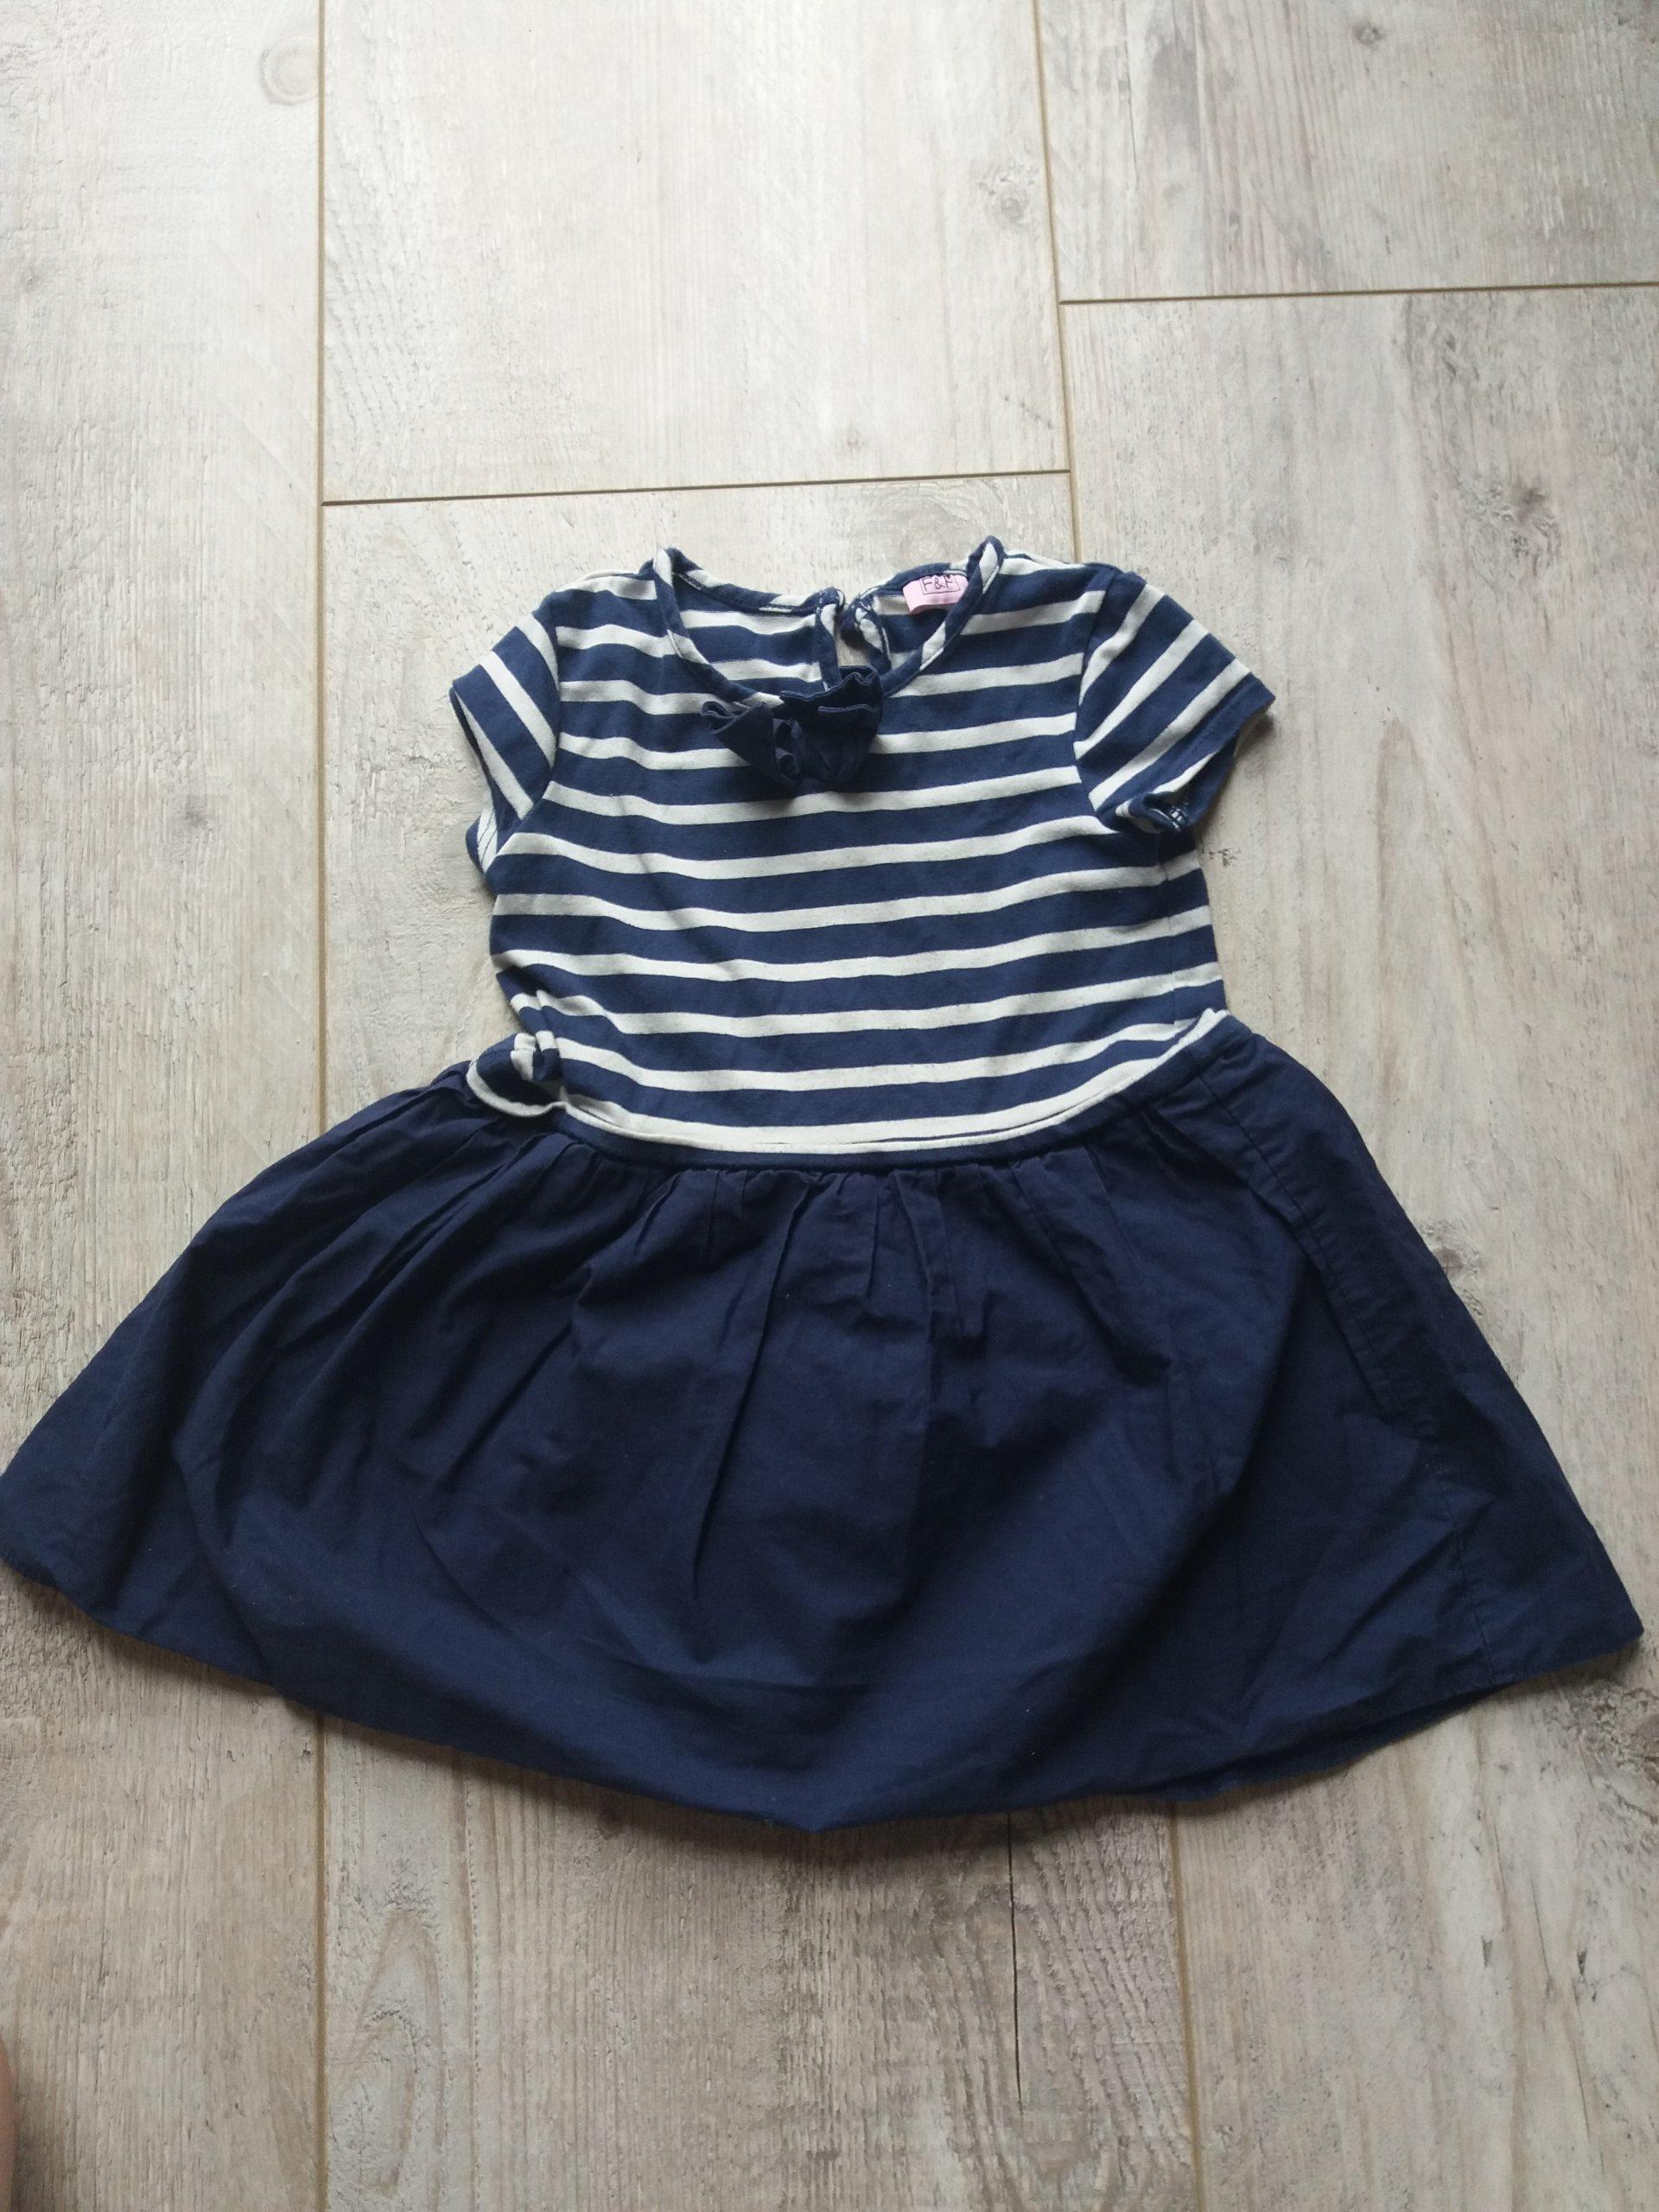 9a19472c24 sukienka marynarska dla dziewczynki F F - 7368796661 - oficjalne ...